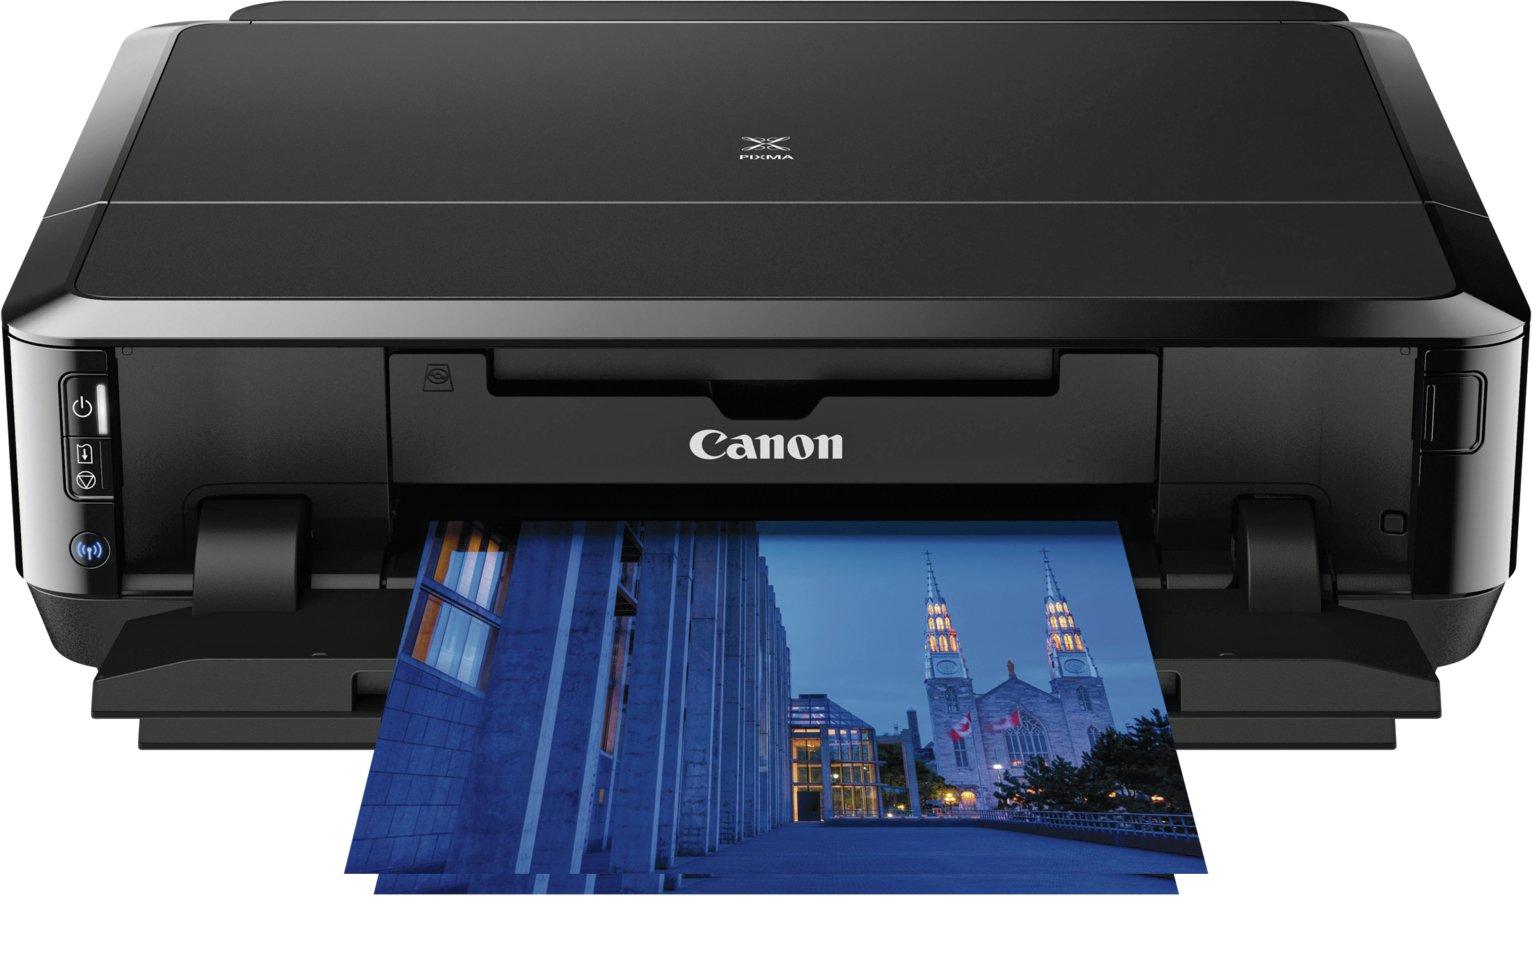 Canon Canon PIXMA iP7250 Printer.